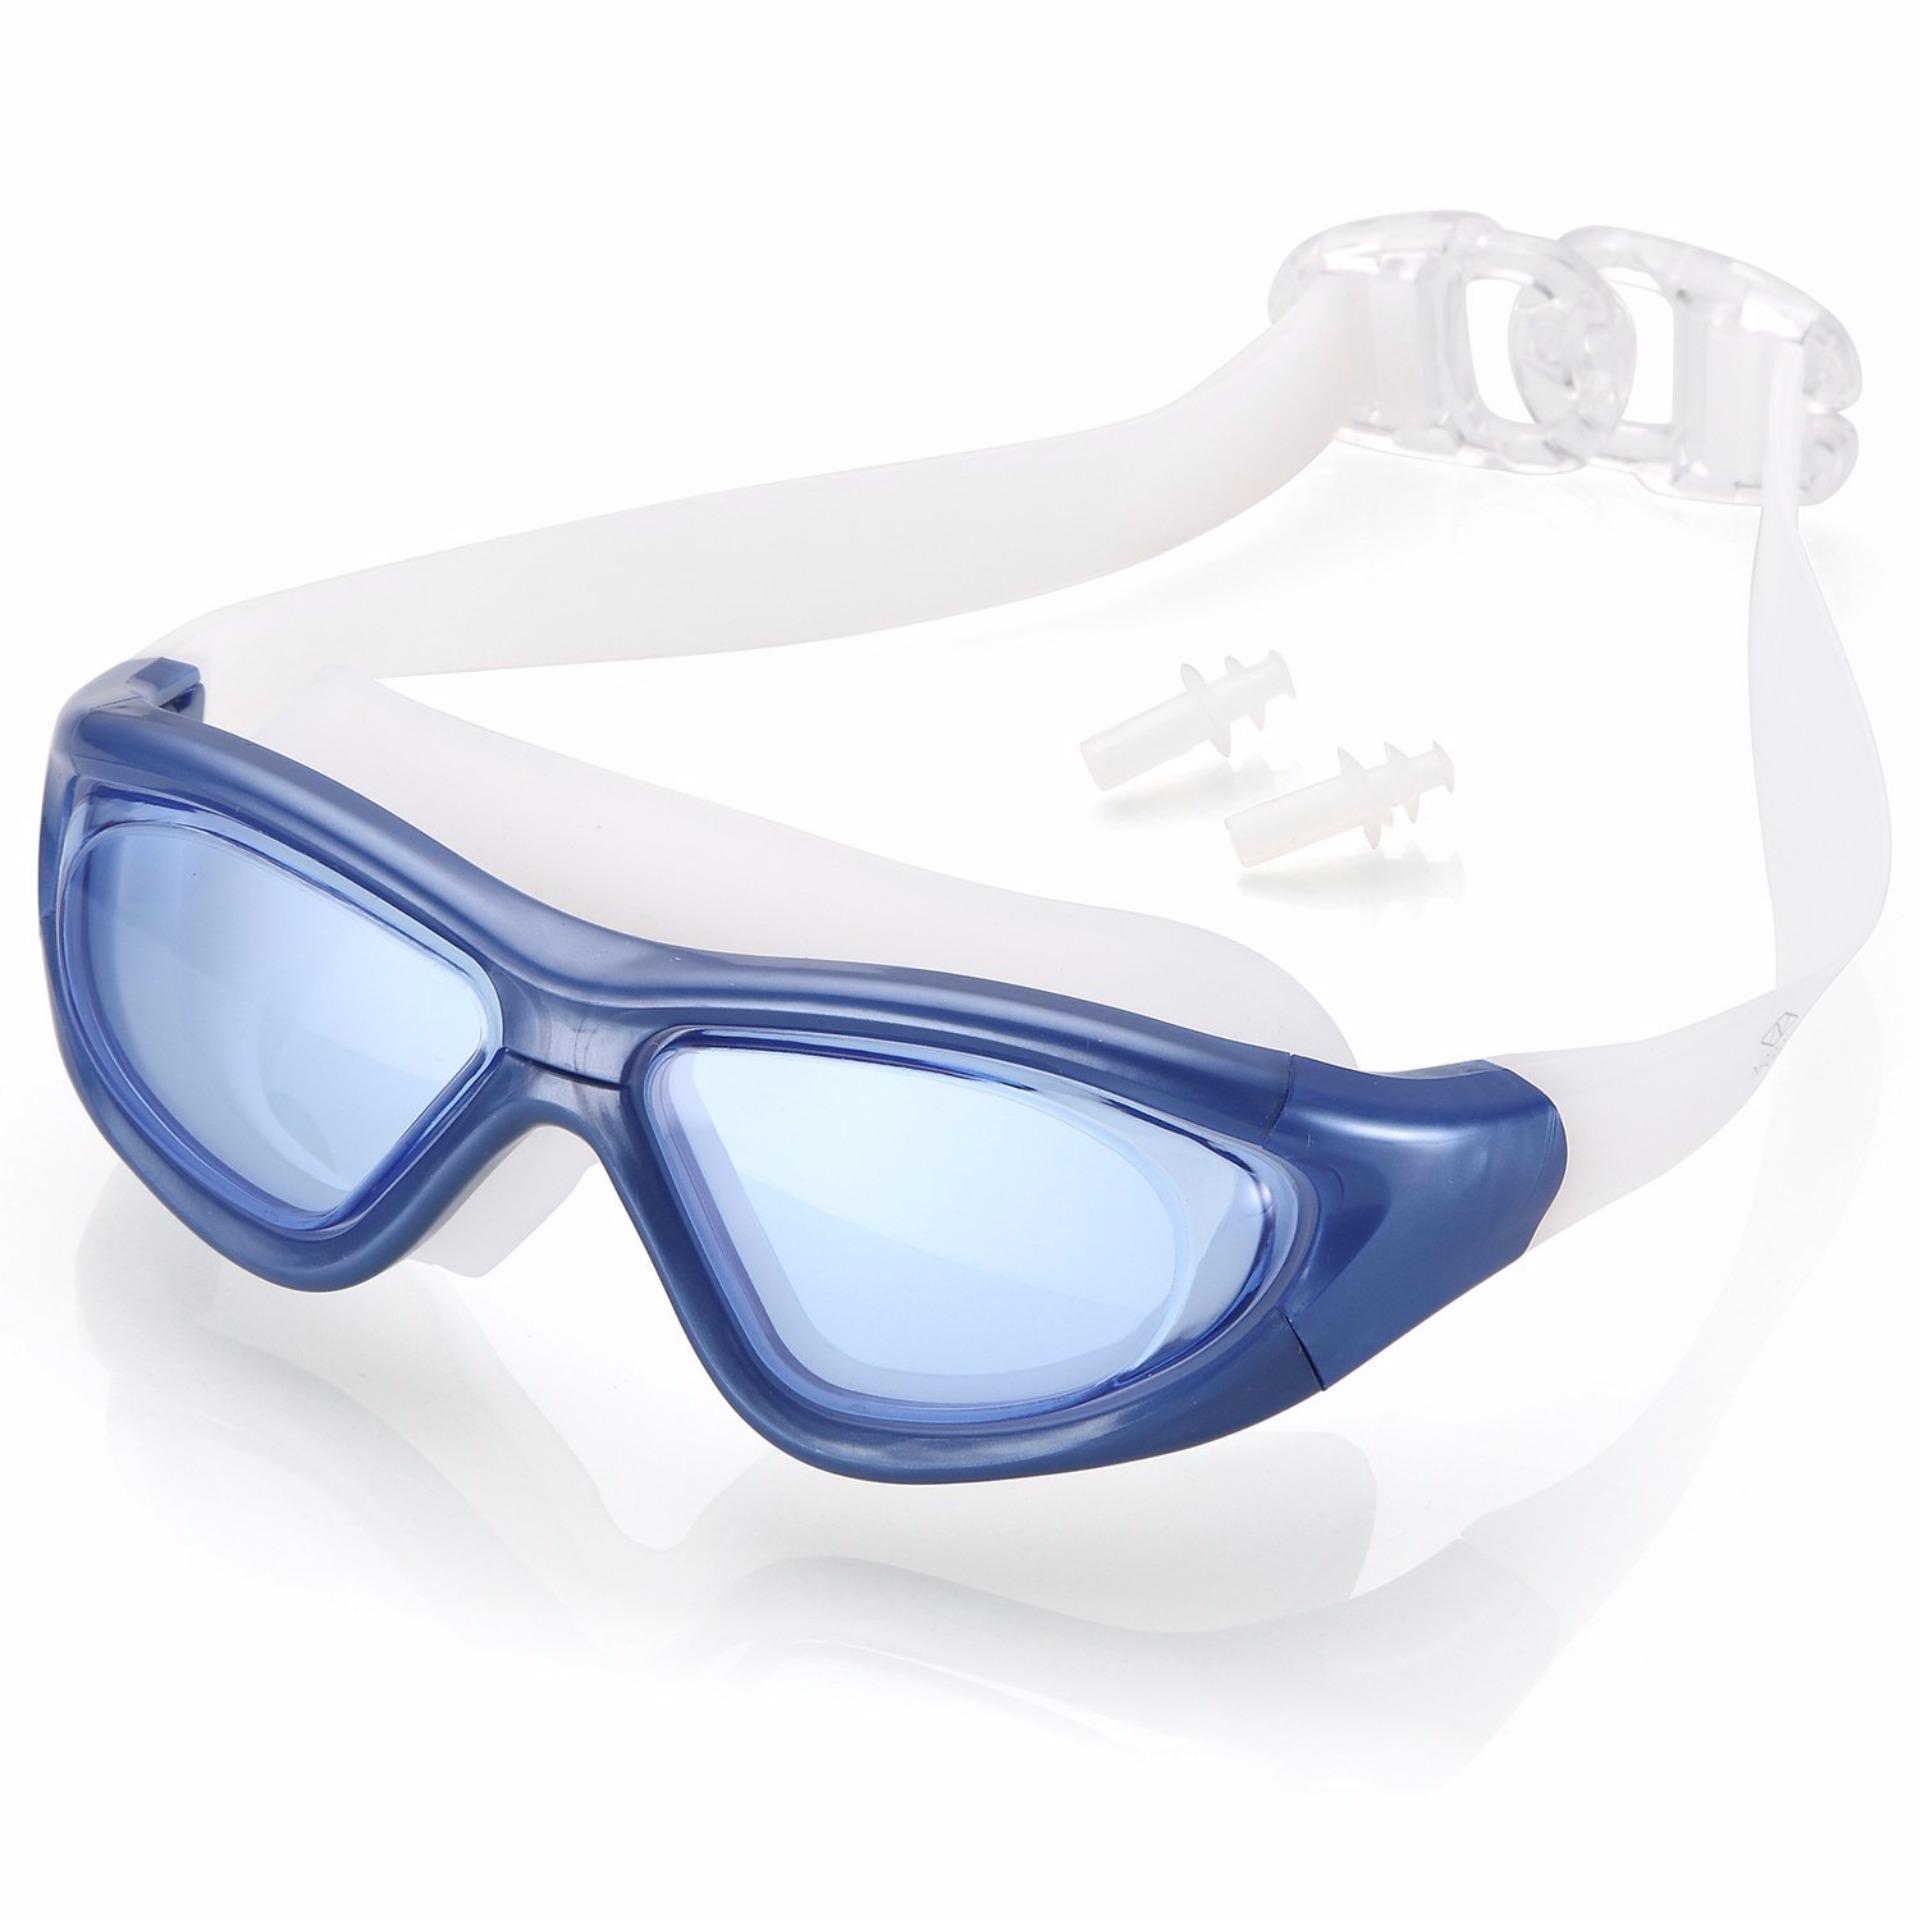 Kính bơi tầm nhìn rộng 180 độ, tráng gương, chống tia UV SPORTY